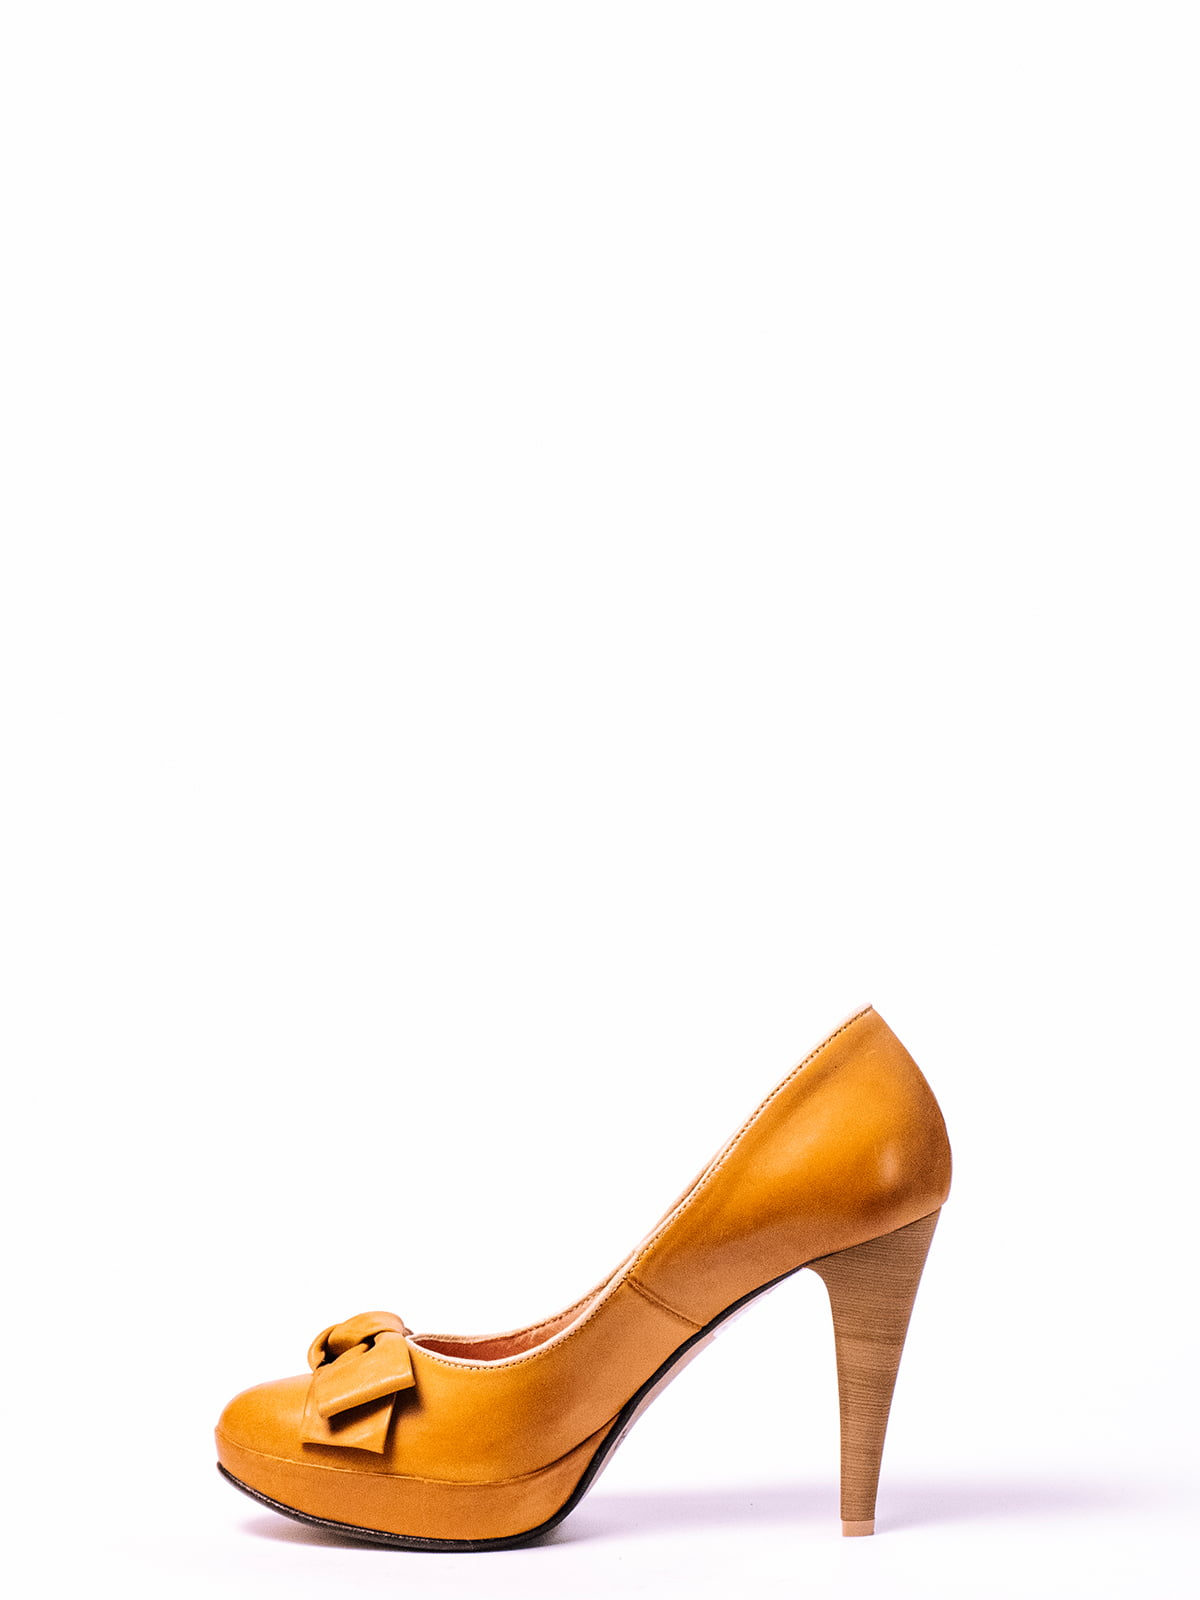 Туфли оранжевые | 4860276 | фото 2